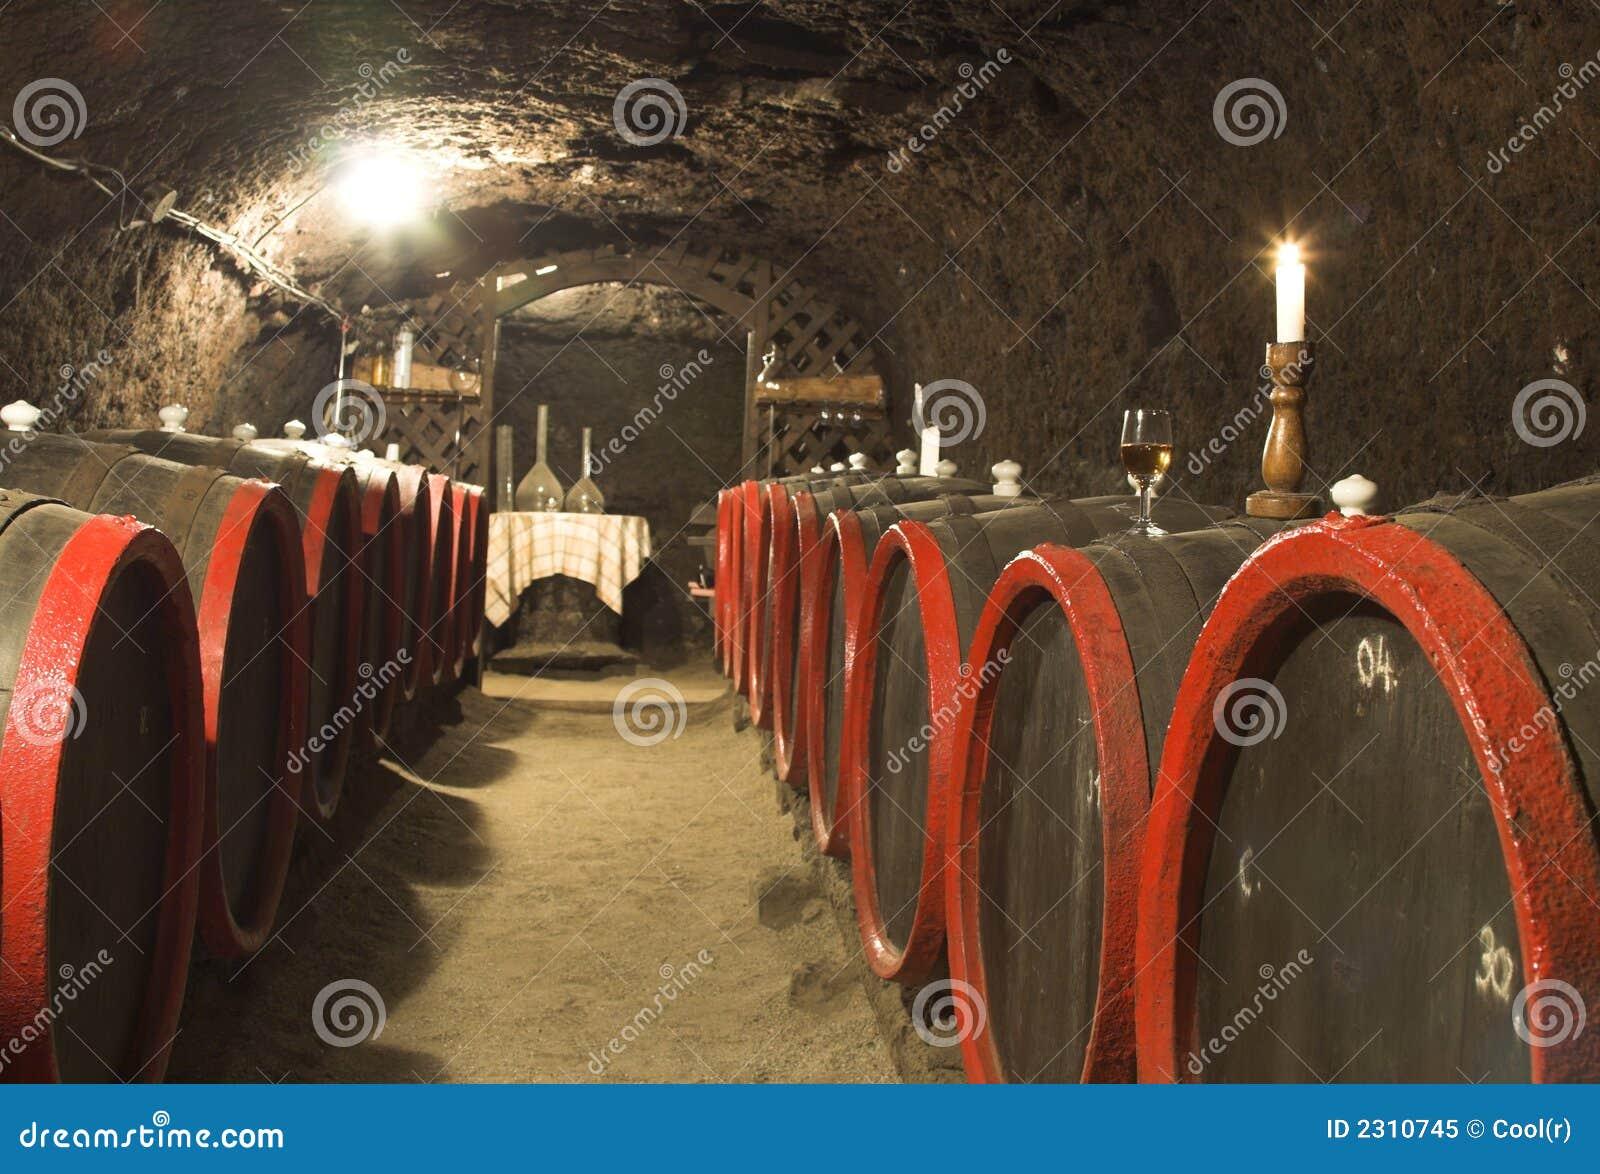 Barils dans une vin-cave.